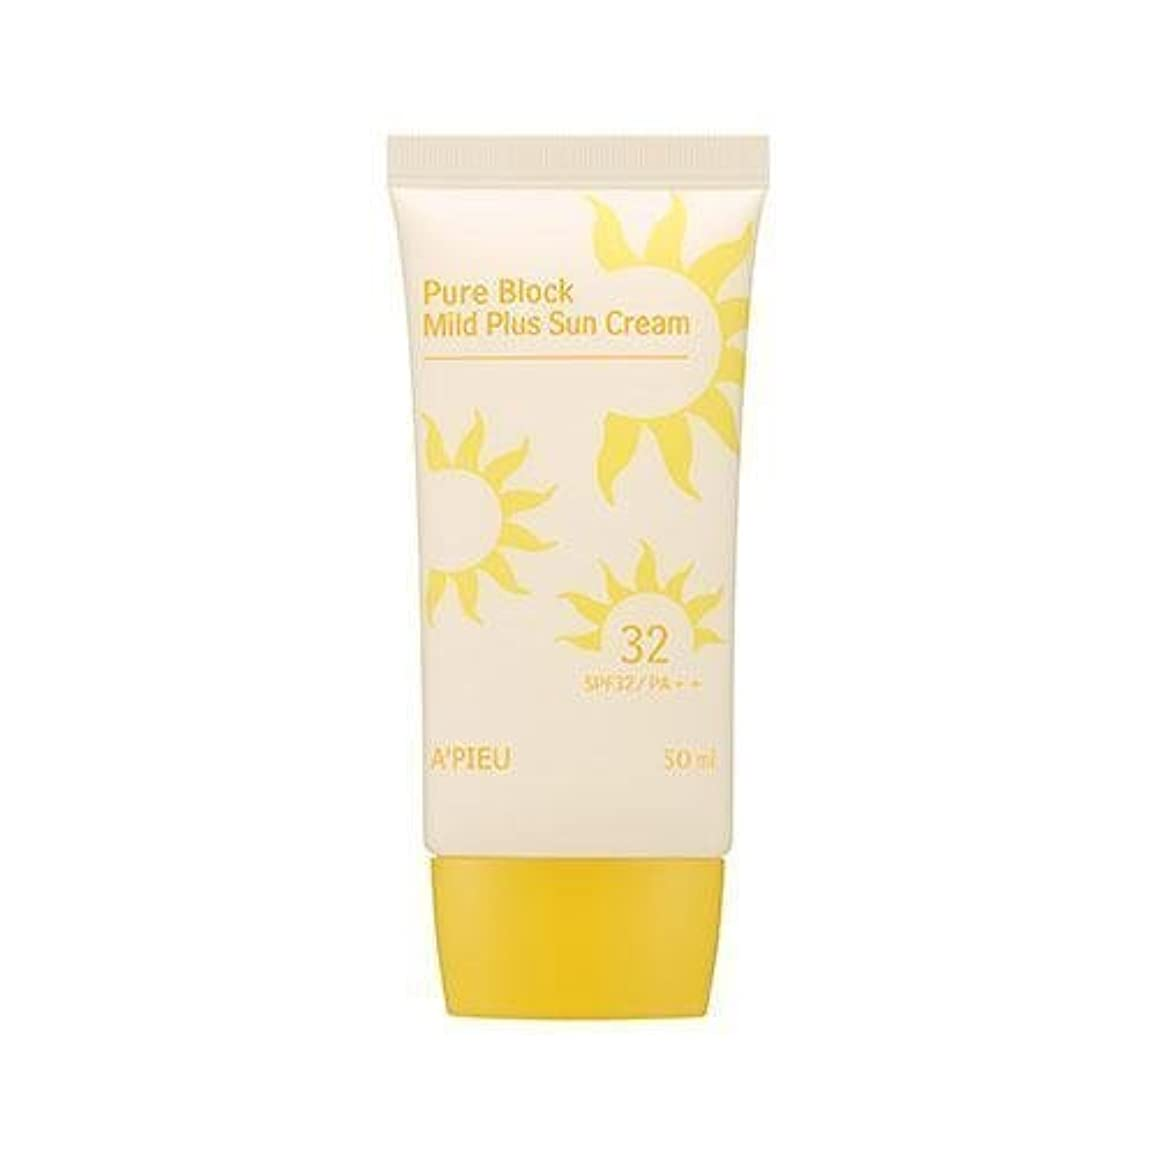 記者コマンド所持APIEU Pure Block Mild Plus Sun Cream (SPF32/PA++)/ Made in Korea